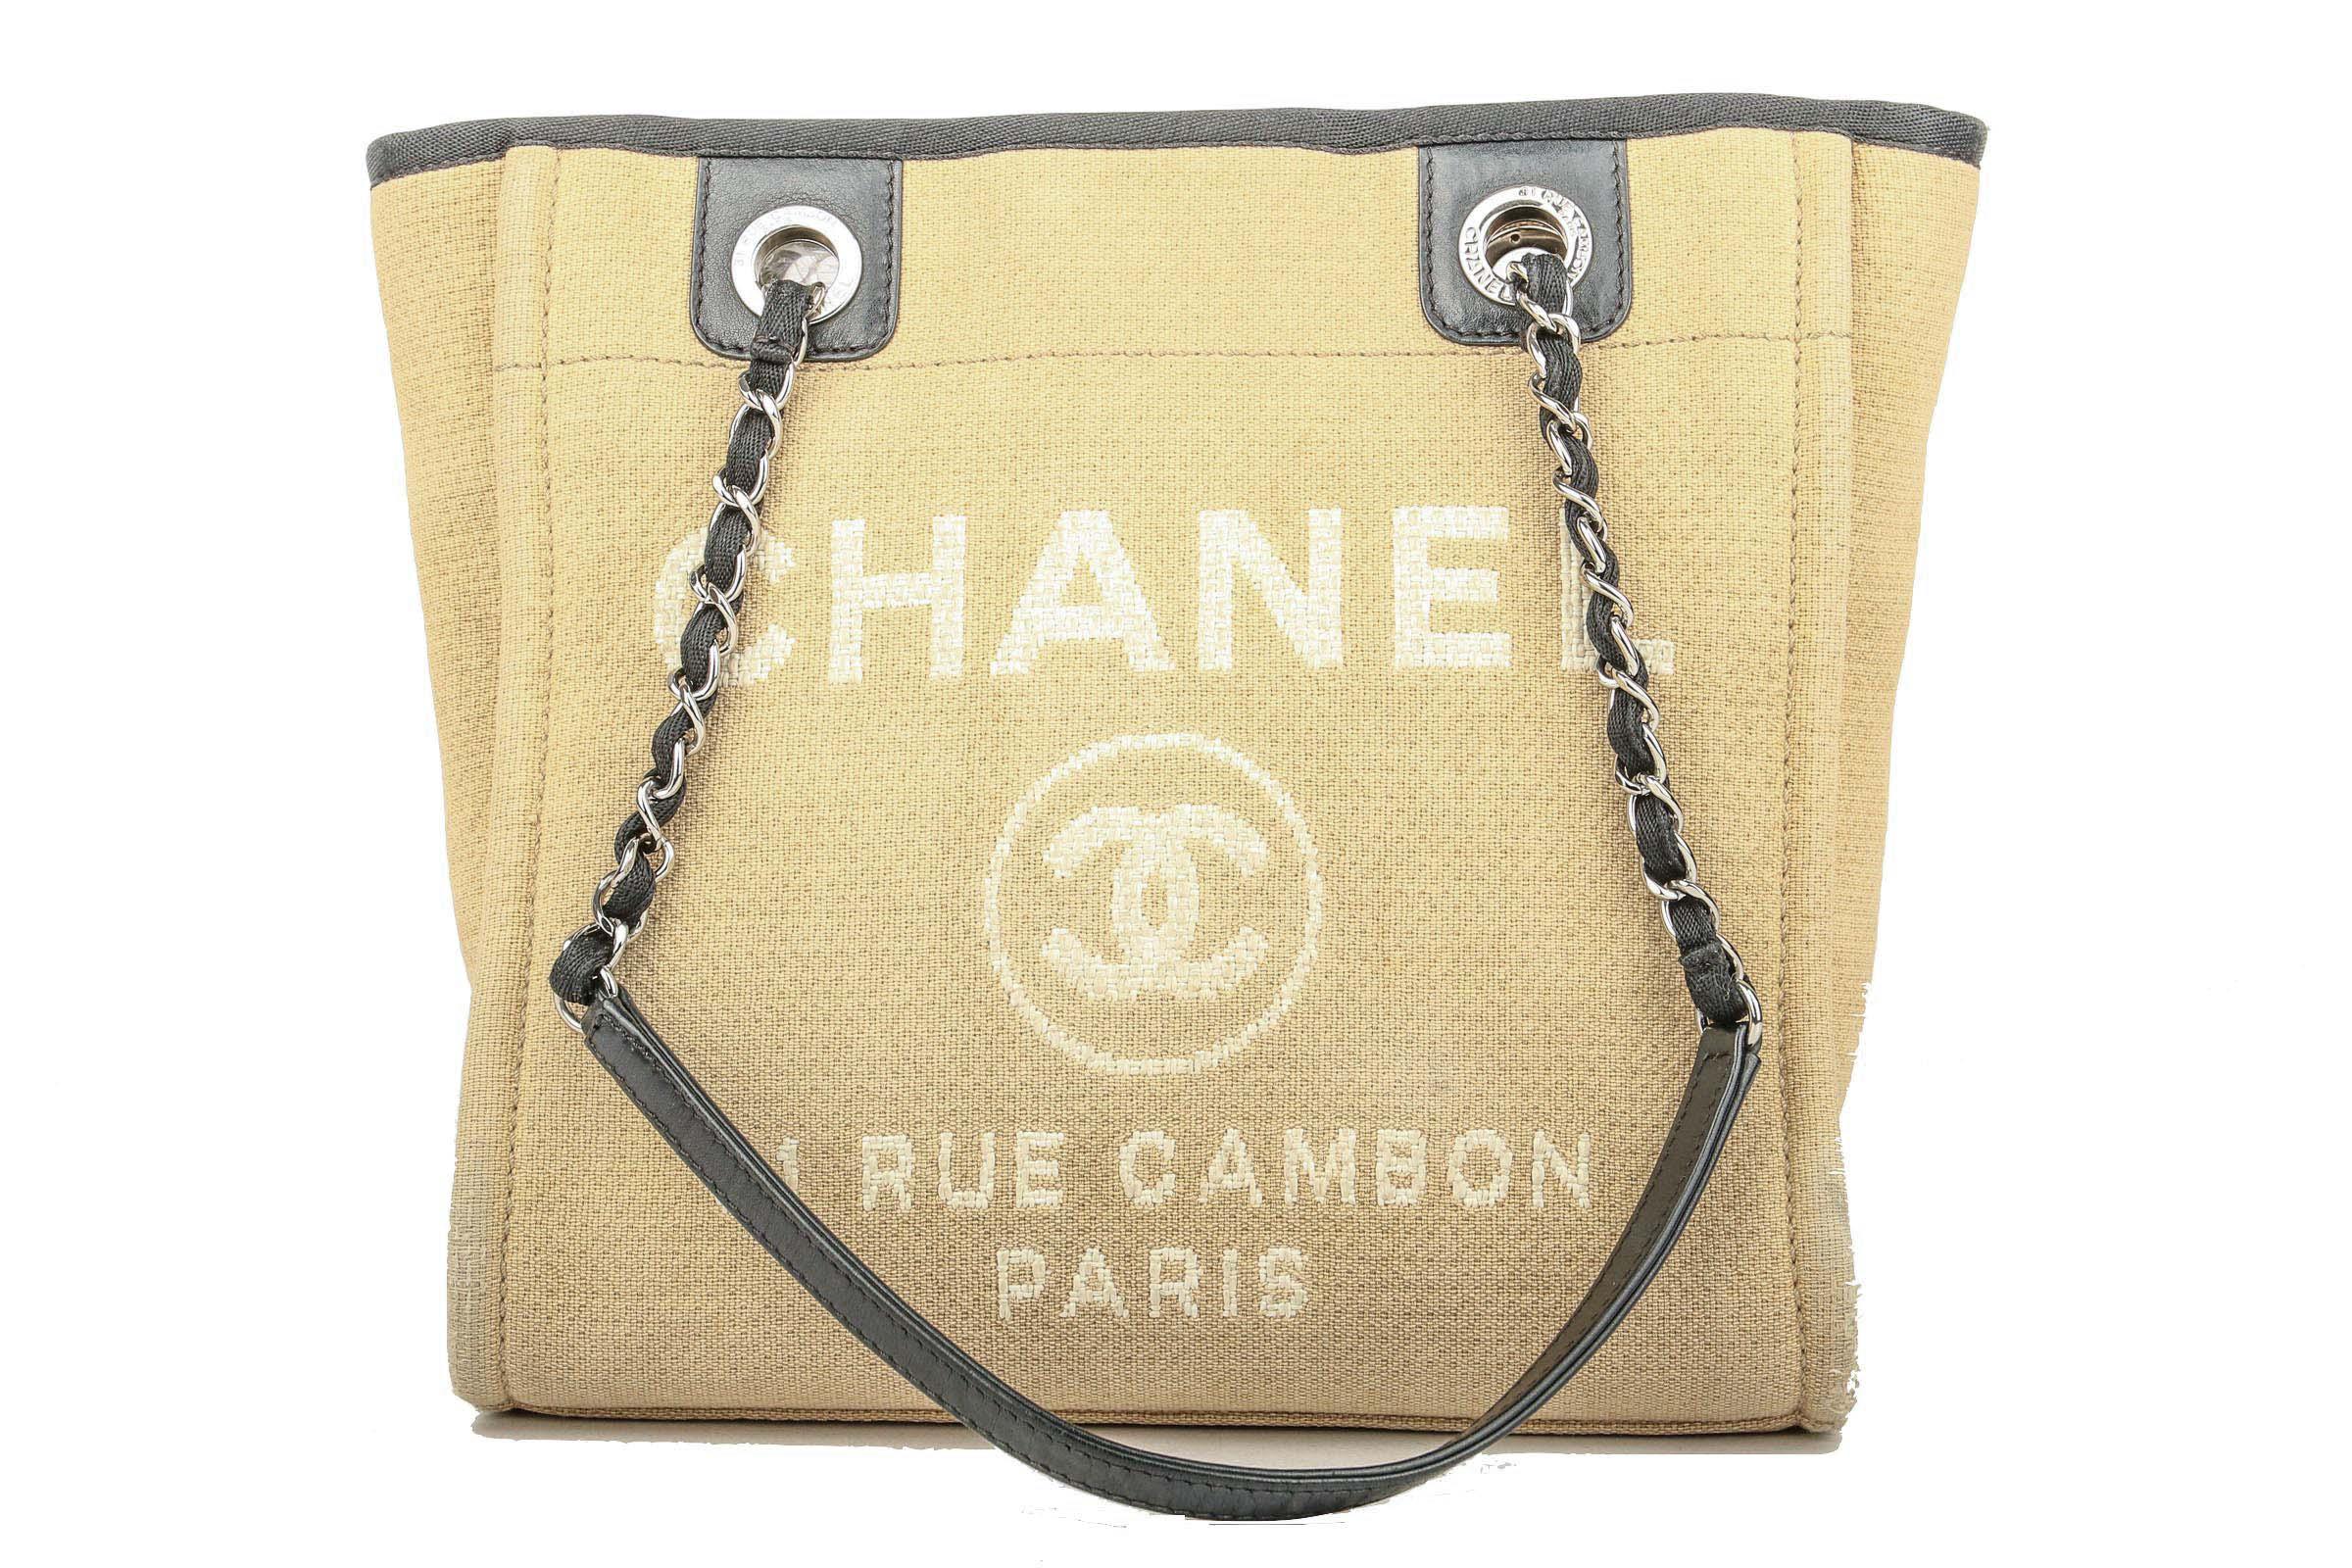 da4efe7b2568 Preview: Chanel Deauville Tote Bag Small Ecru. Preview: Chanel Deauville  Tote Bag Small Ecru